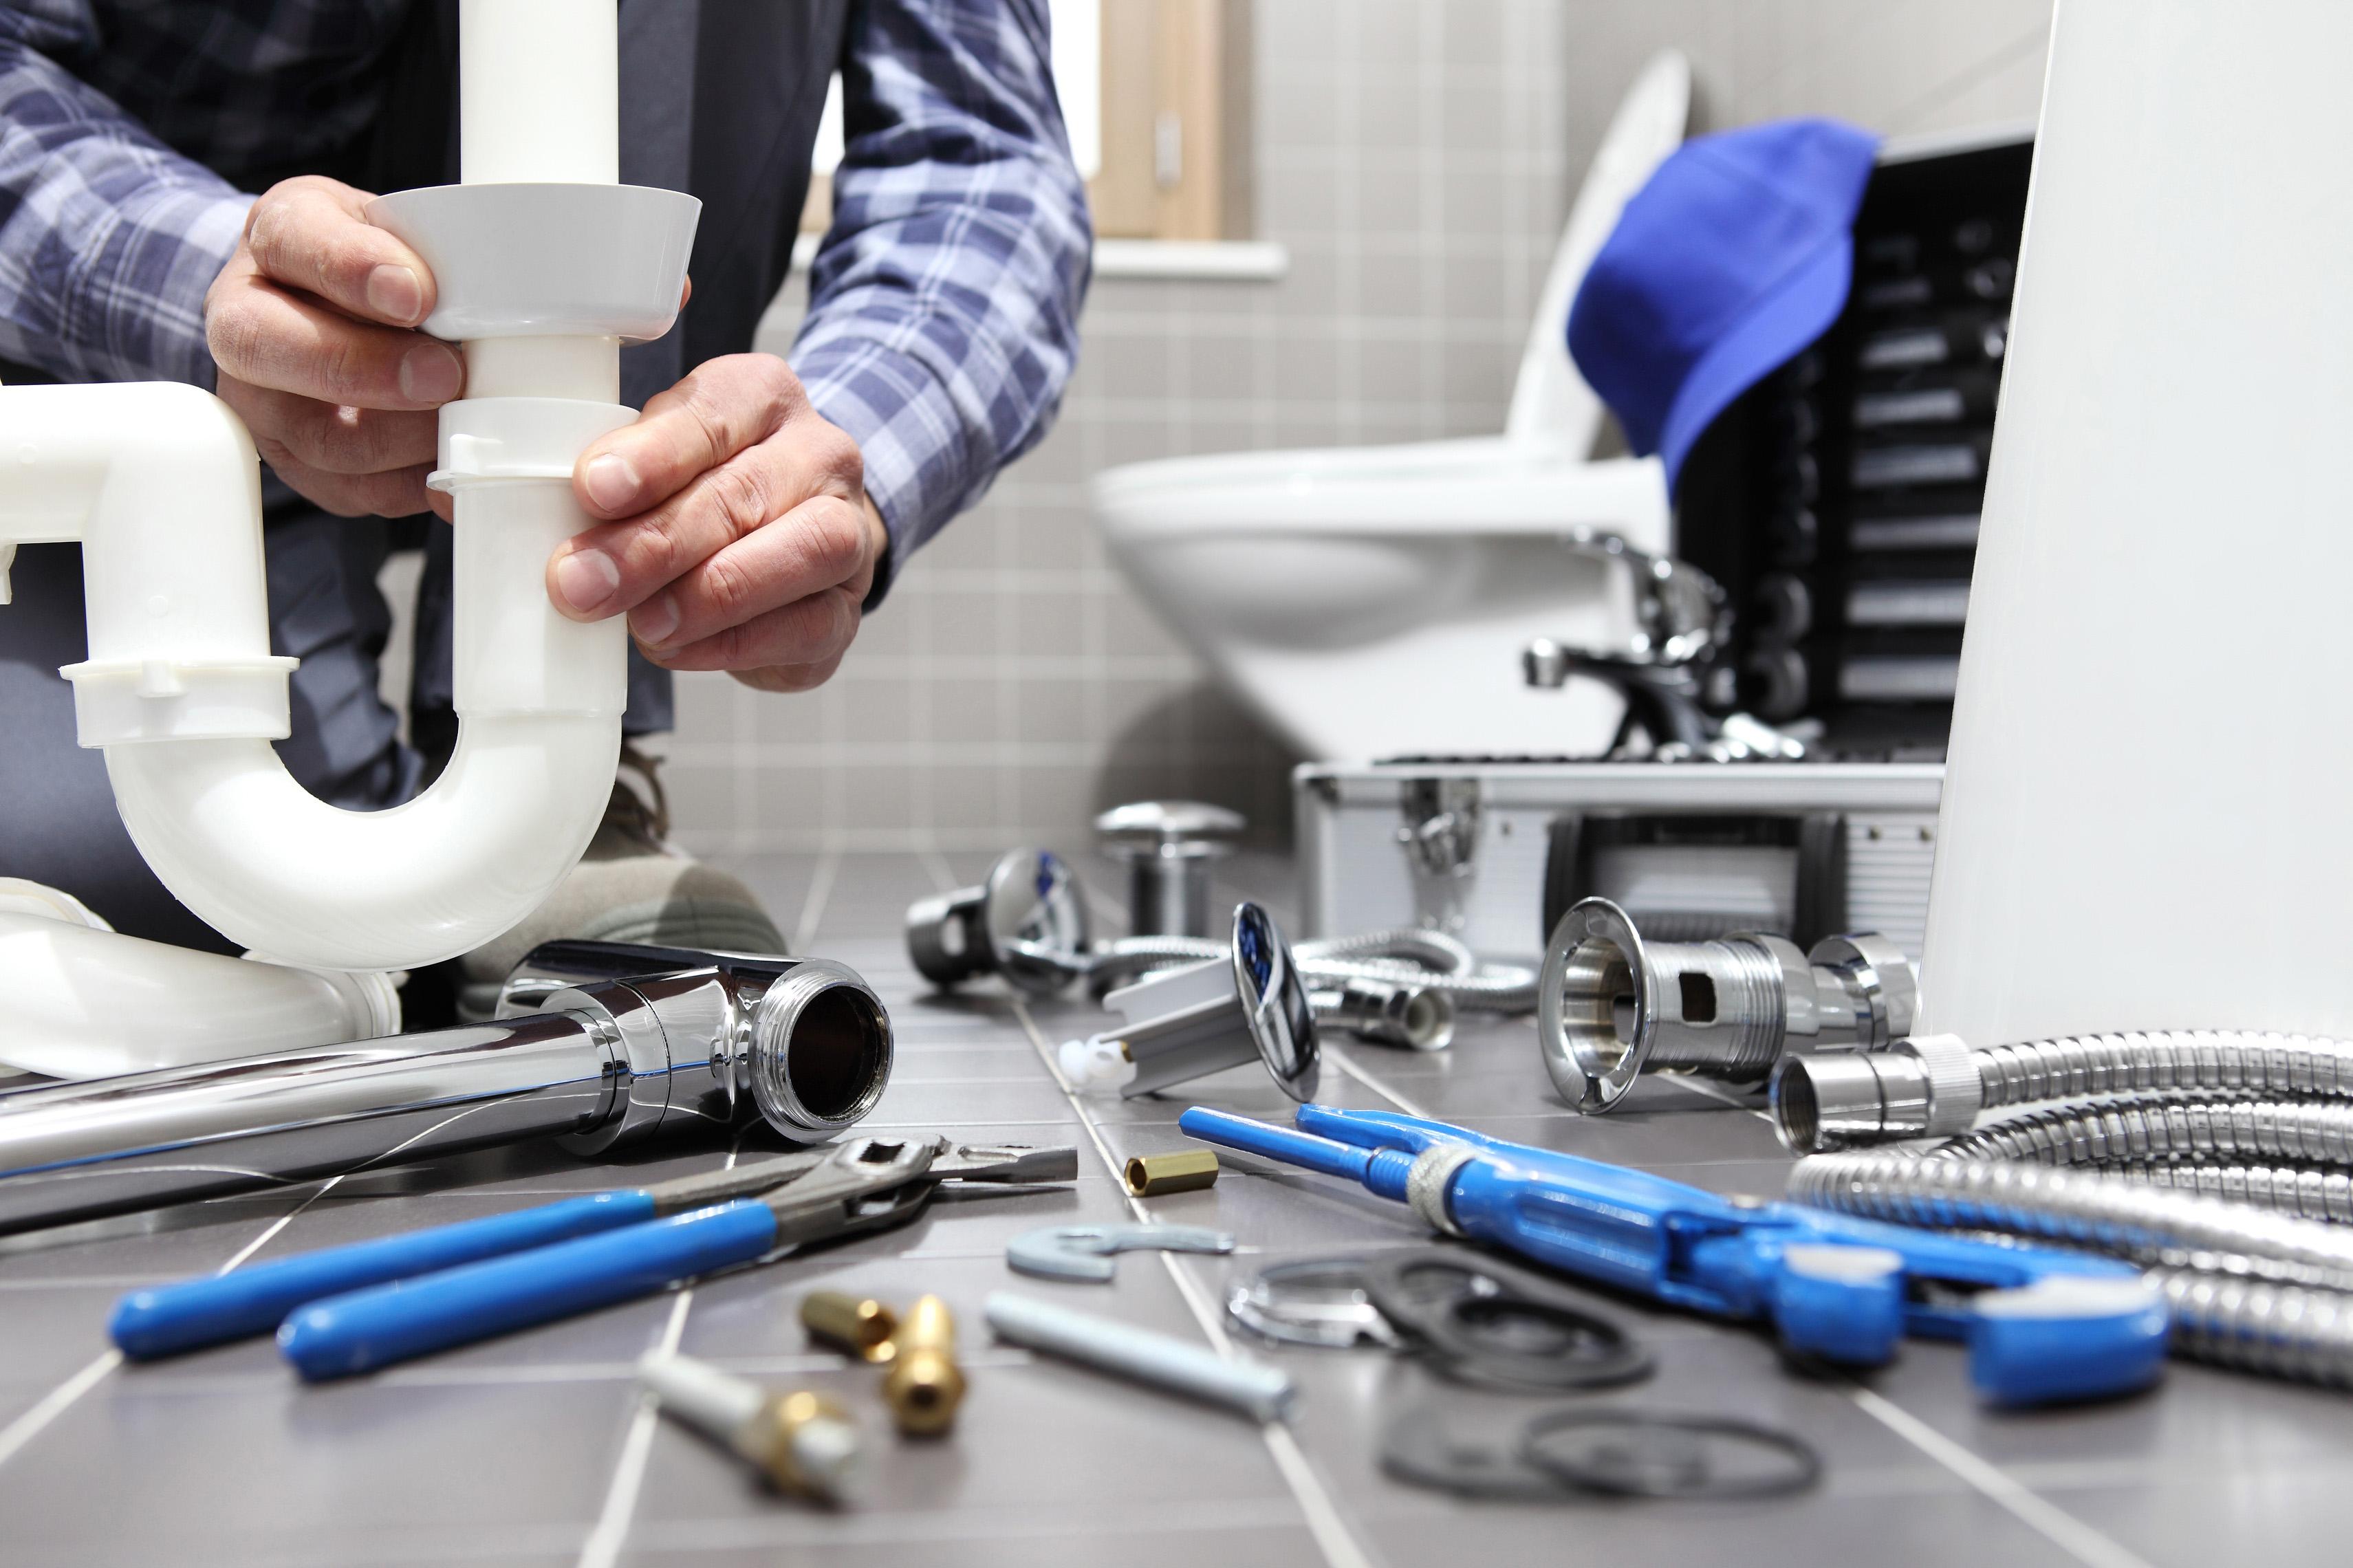 Vorsicht vor Scharlatanen beim Notfalldienst Haustechnik!